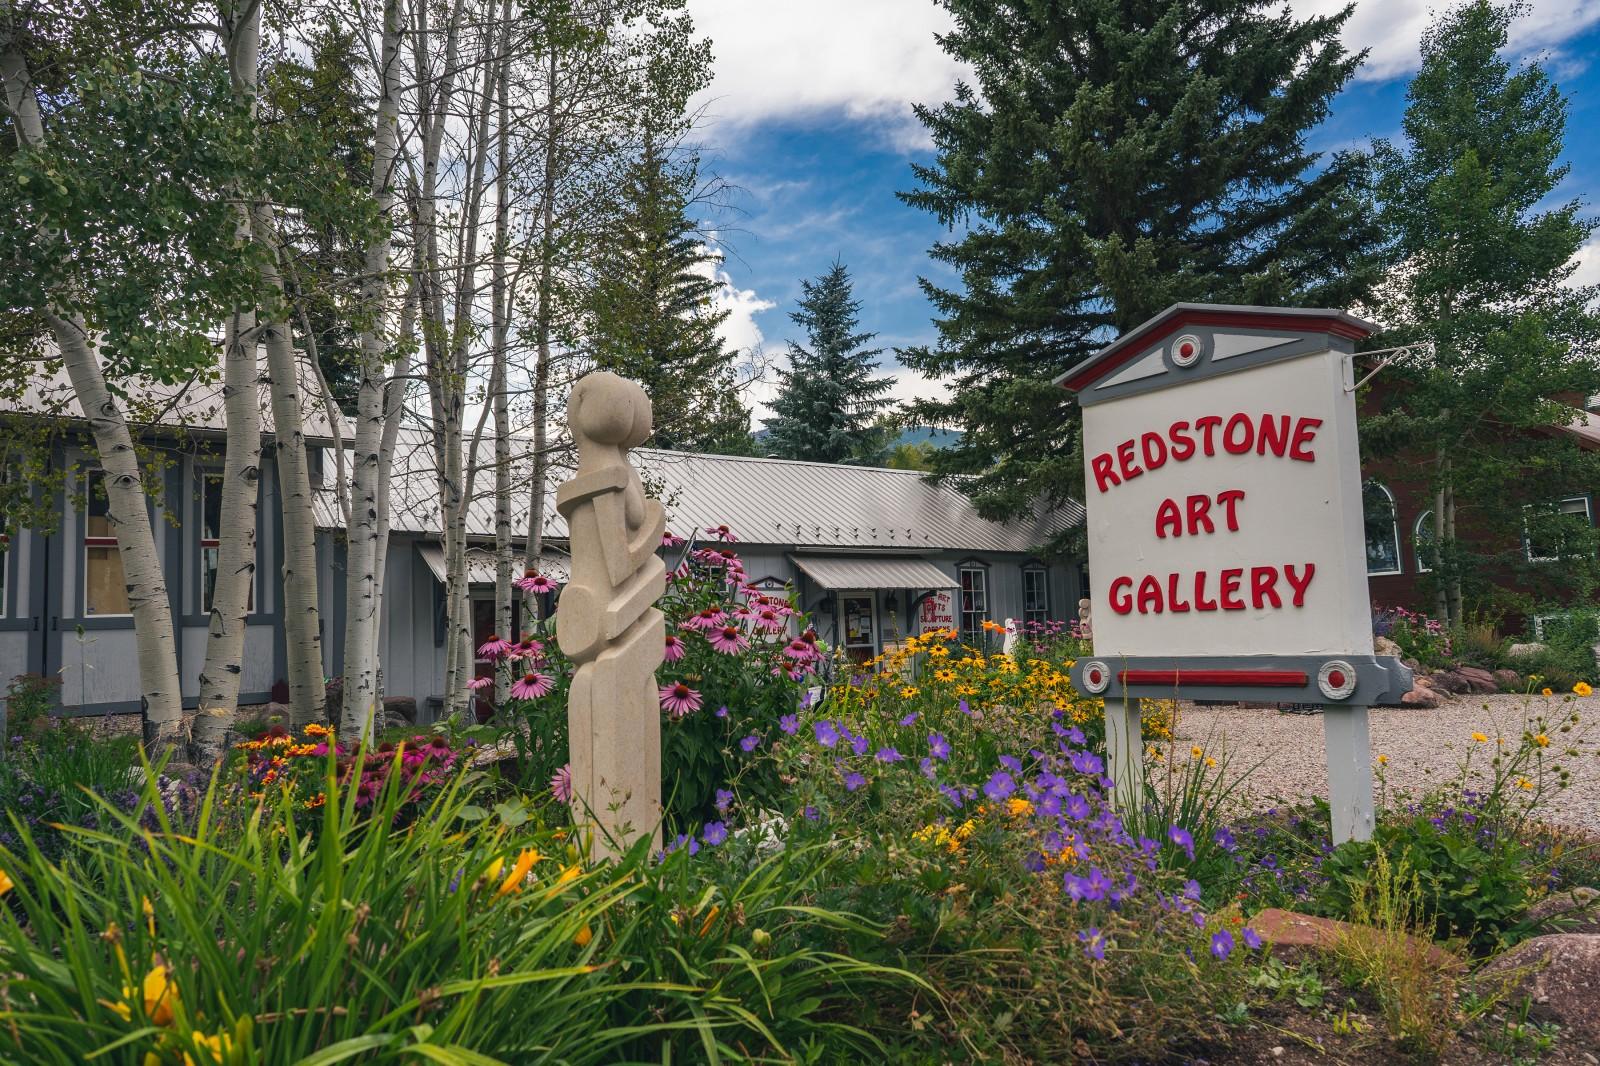 Redstone Art Gallery, Colorado